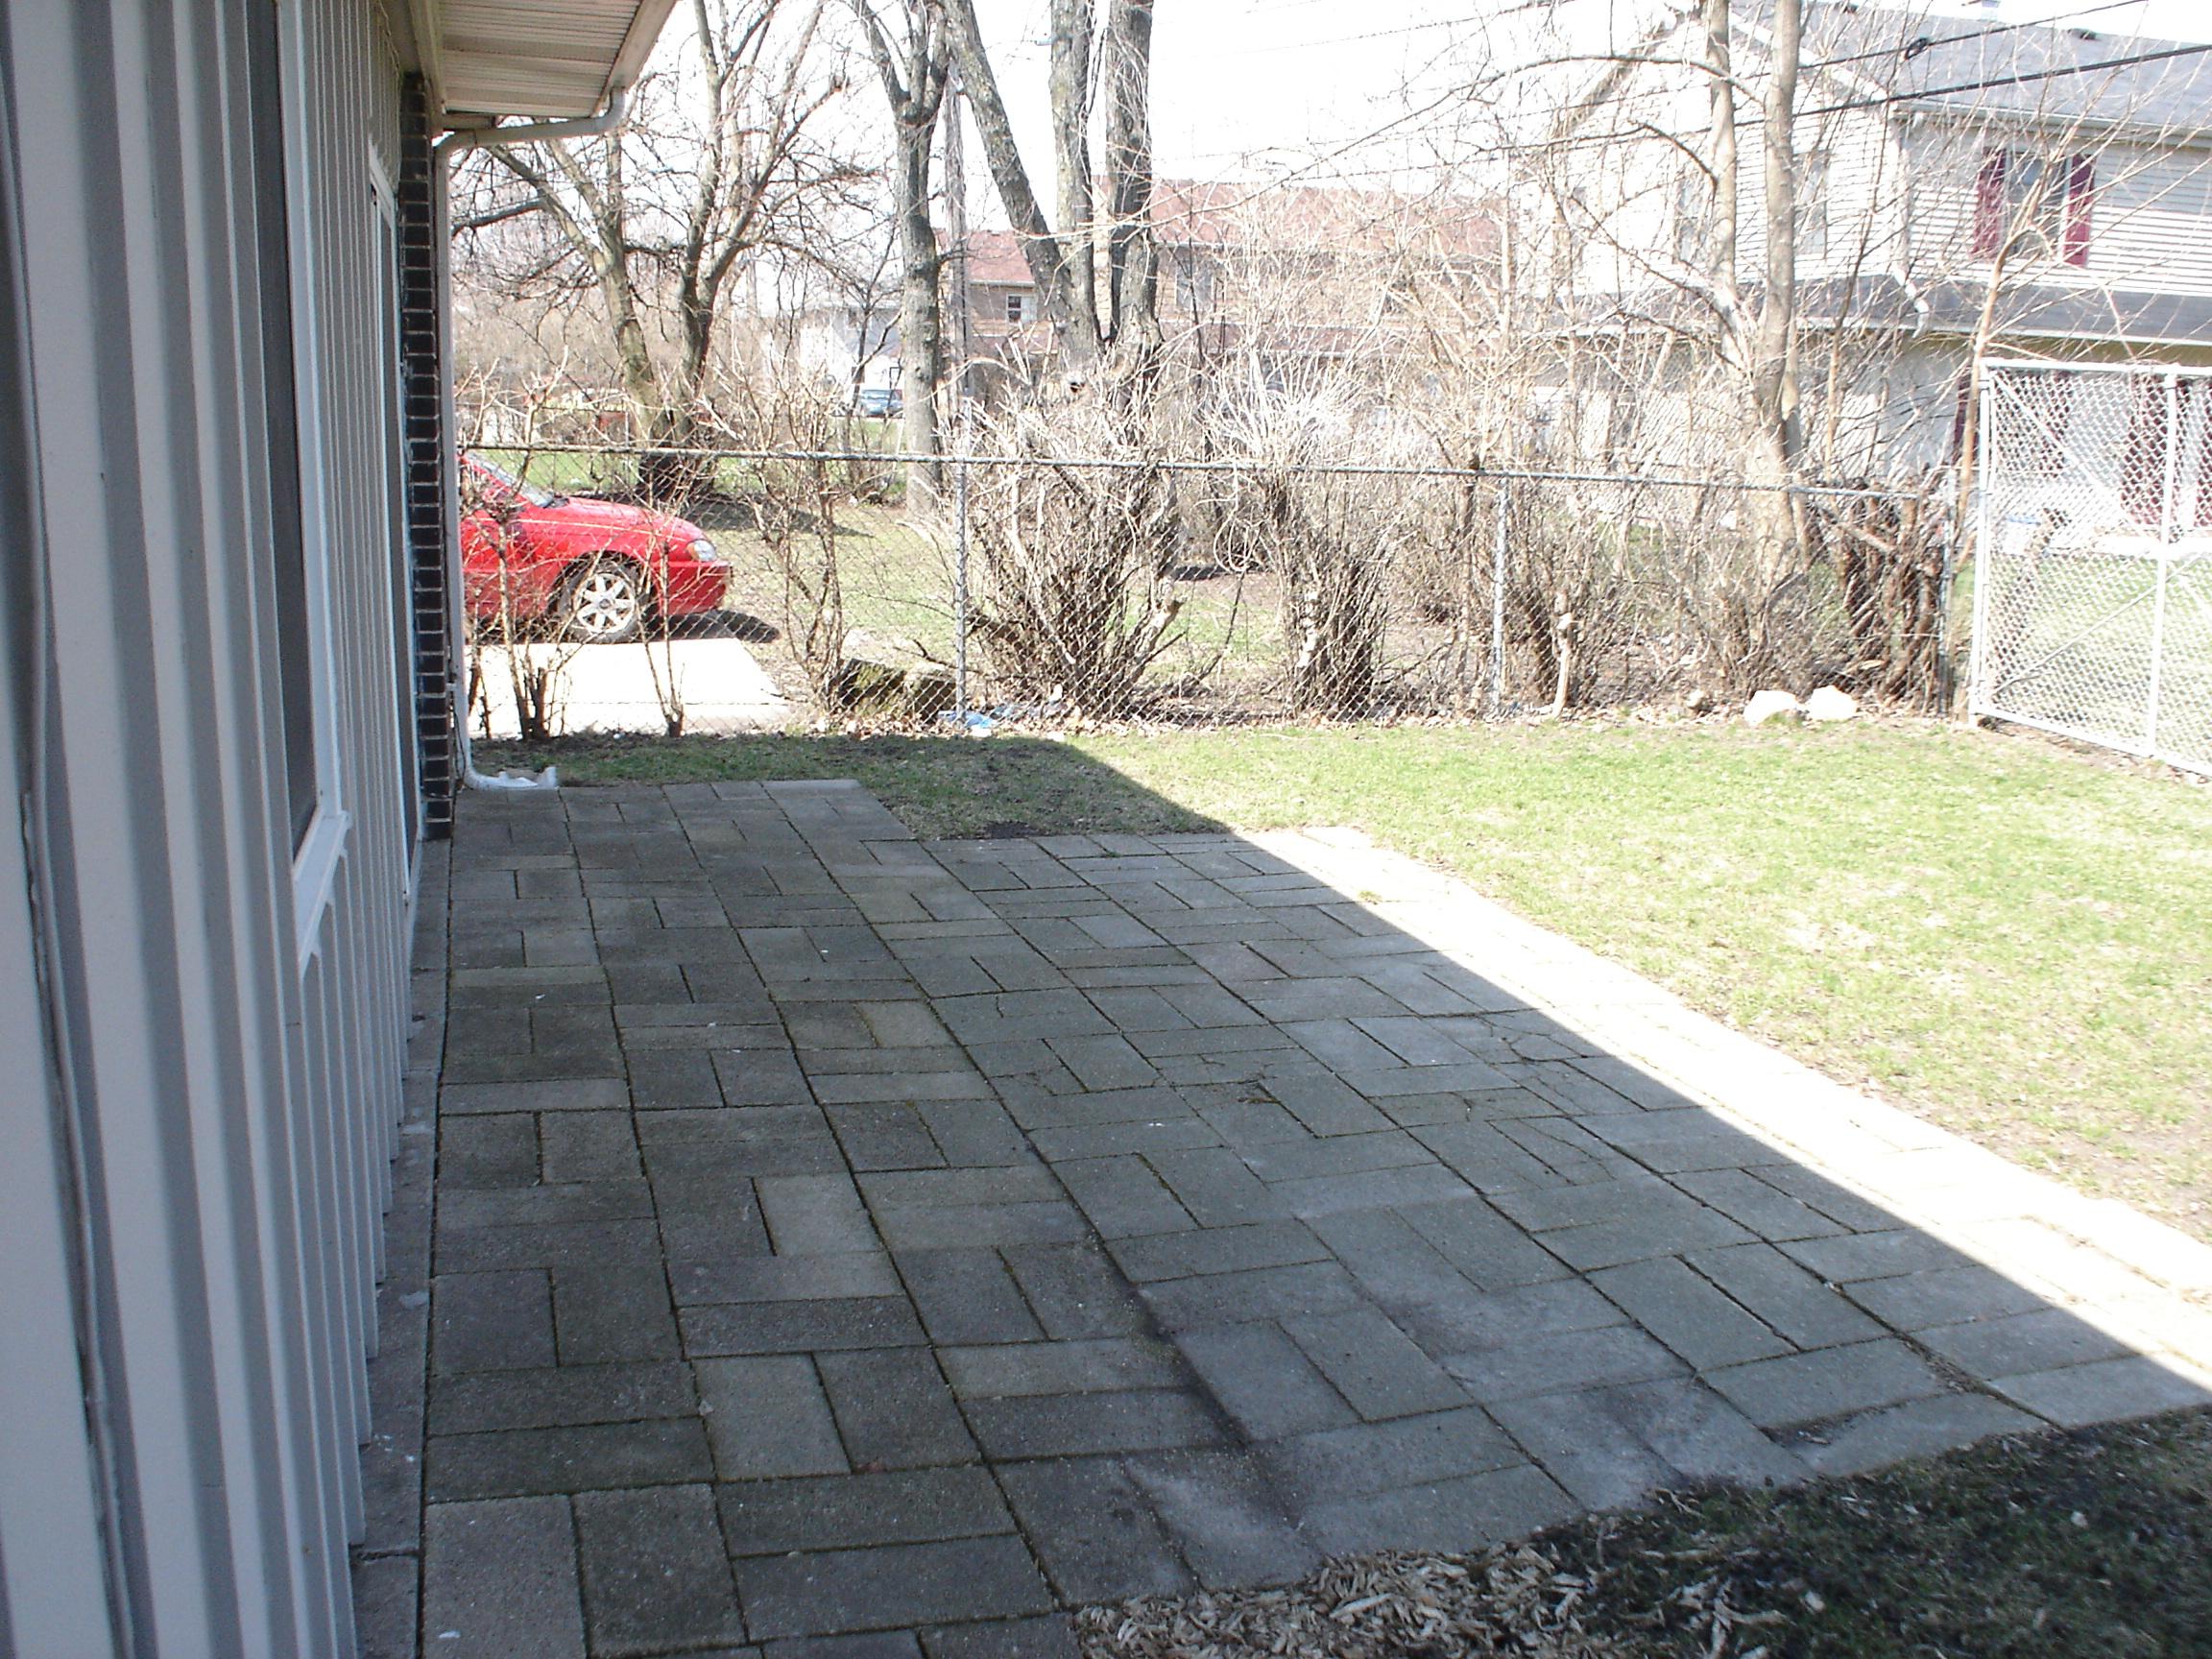 805 Greenbrier Rd, DeKalb, IL 60115 (4-8 Blocks Away)